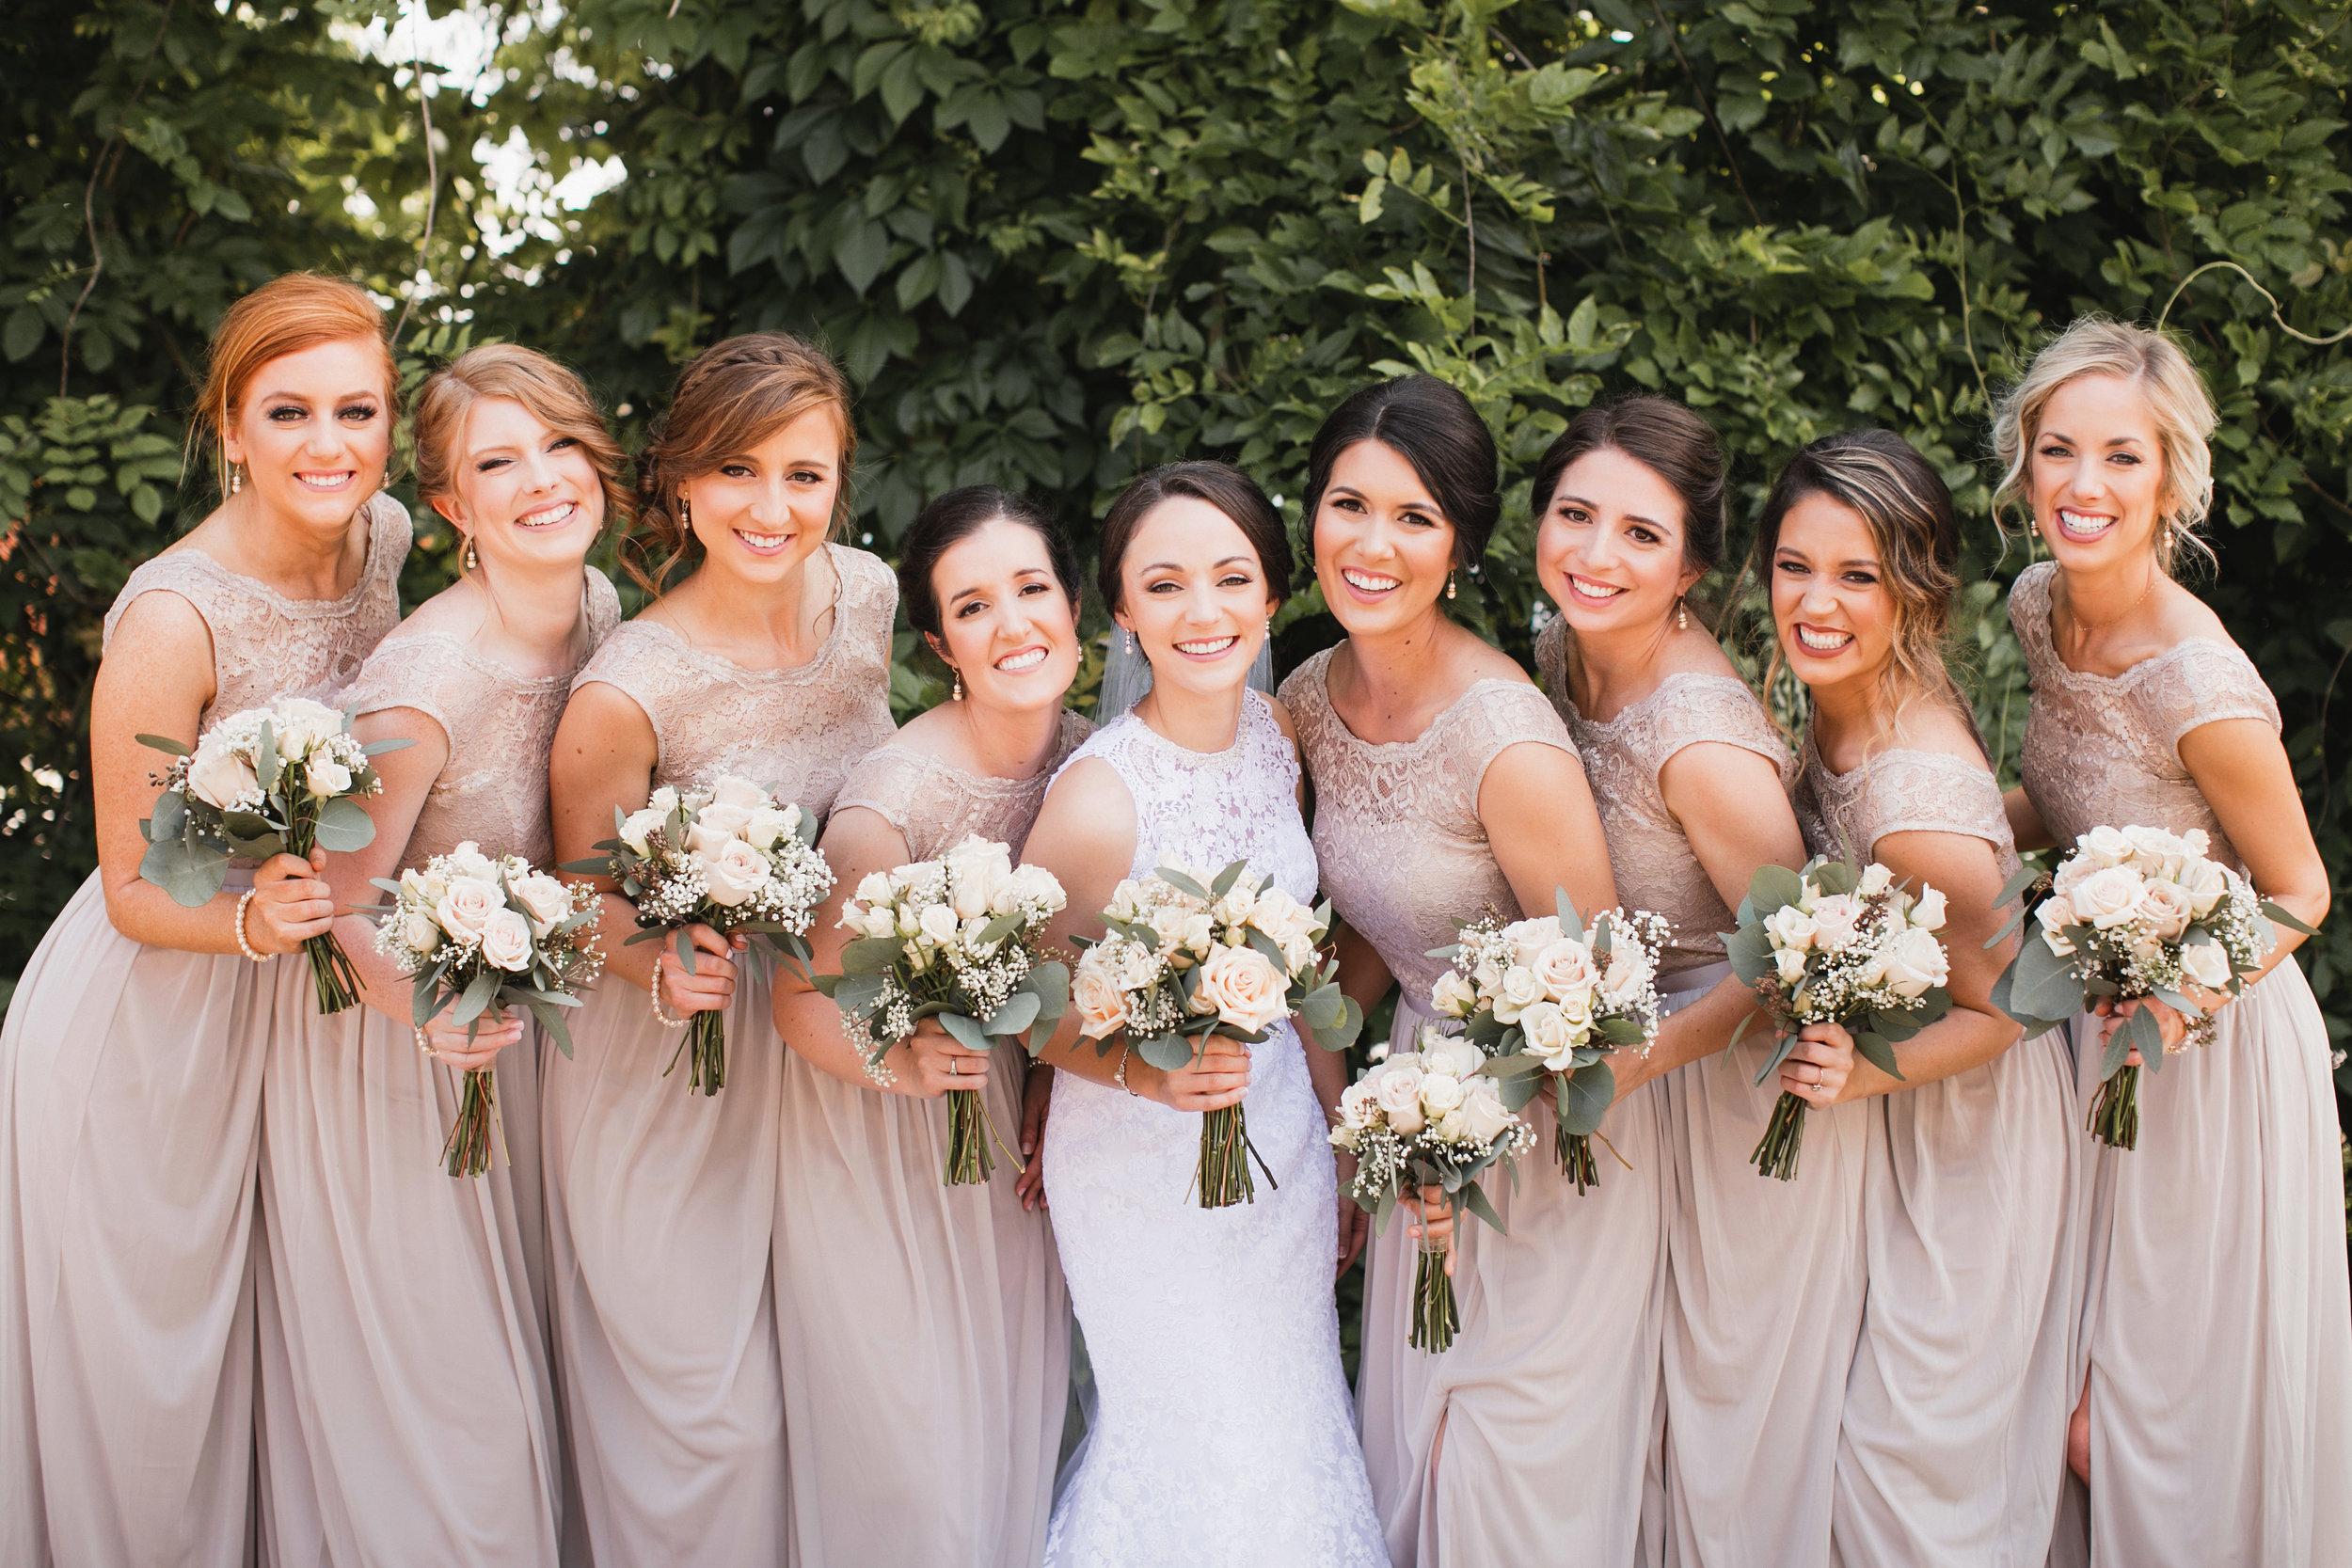 Ducote_Naccari_wedding_0149.jpg